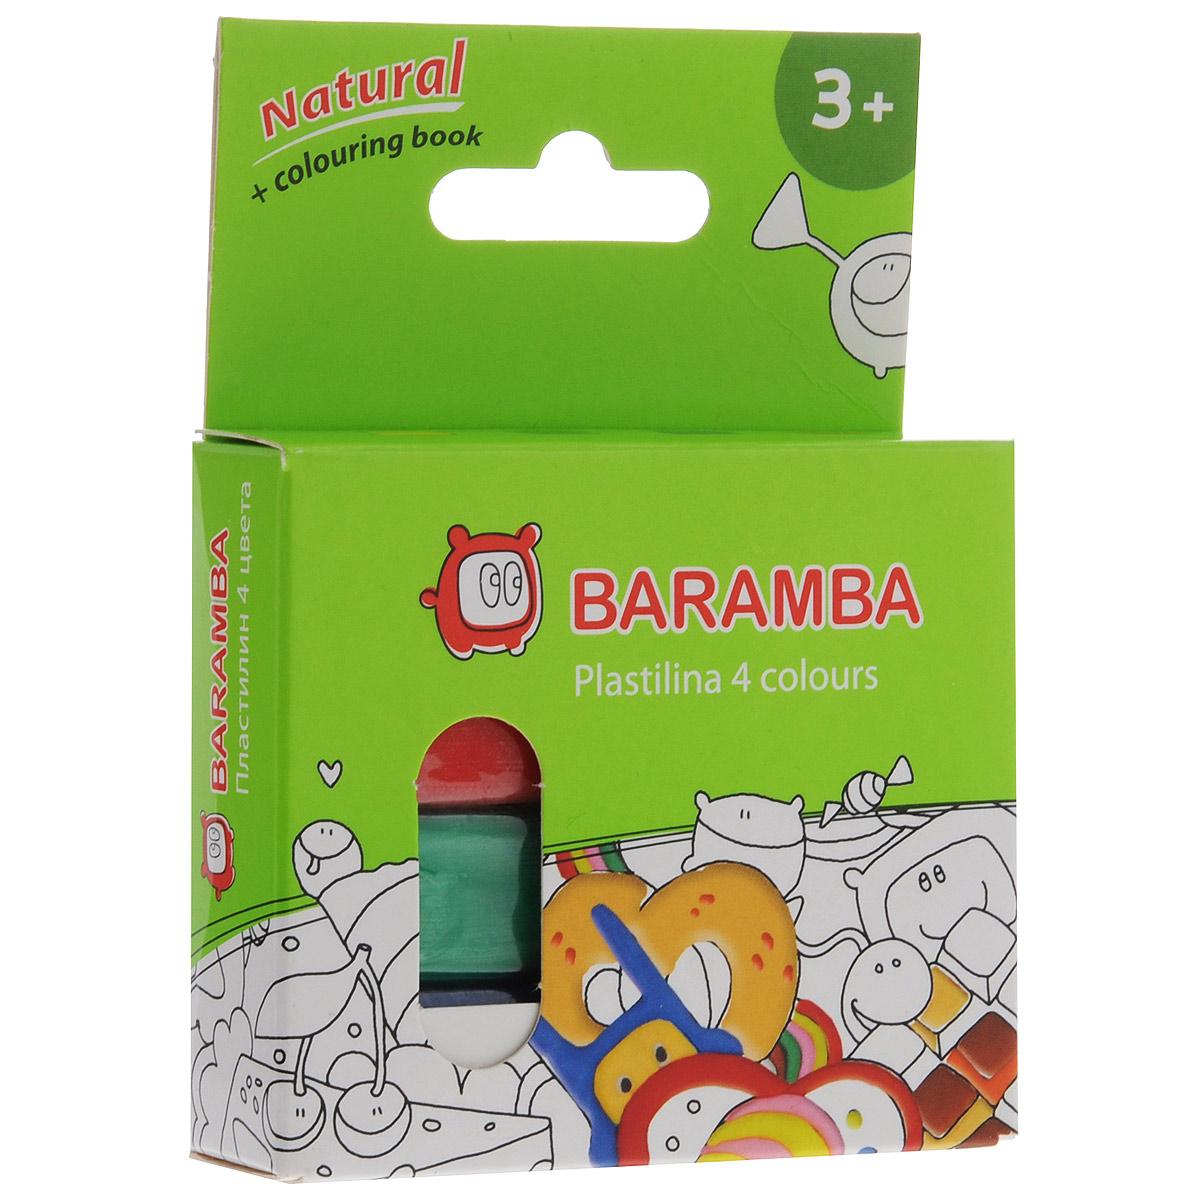 Пластилин Baramba, 4 цветов, с раскраской всё для лепки lori пластилин классика 16 цветов